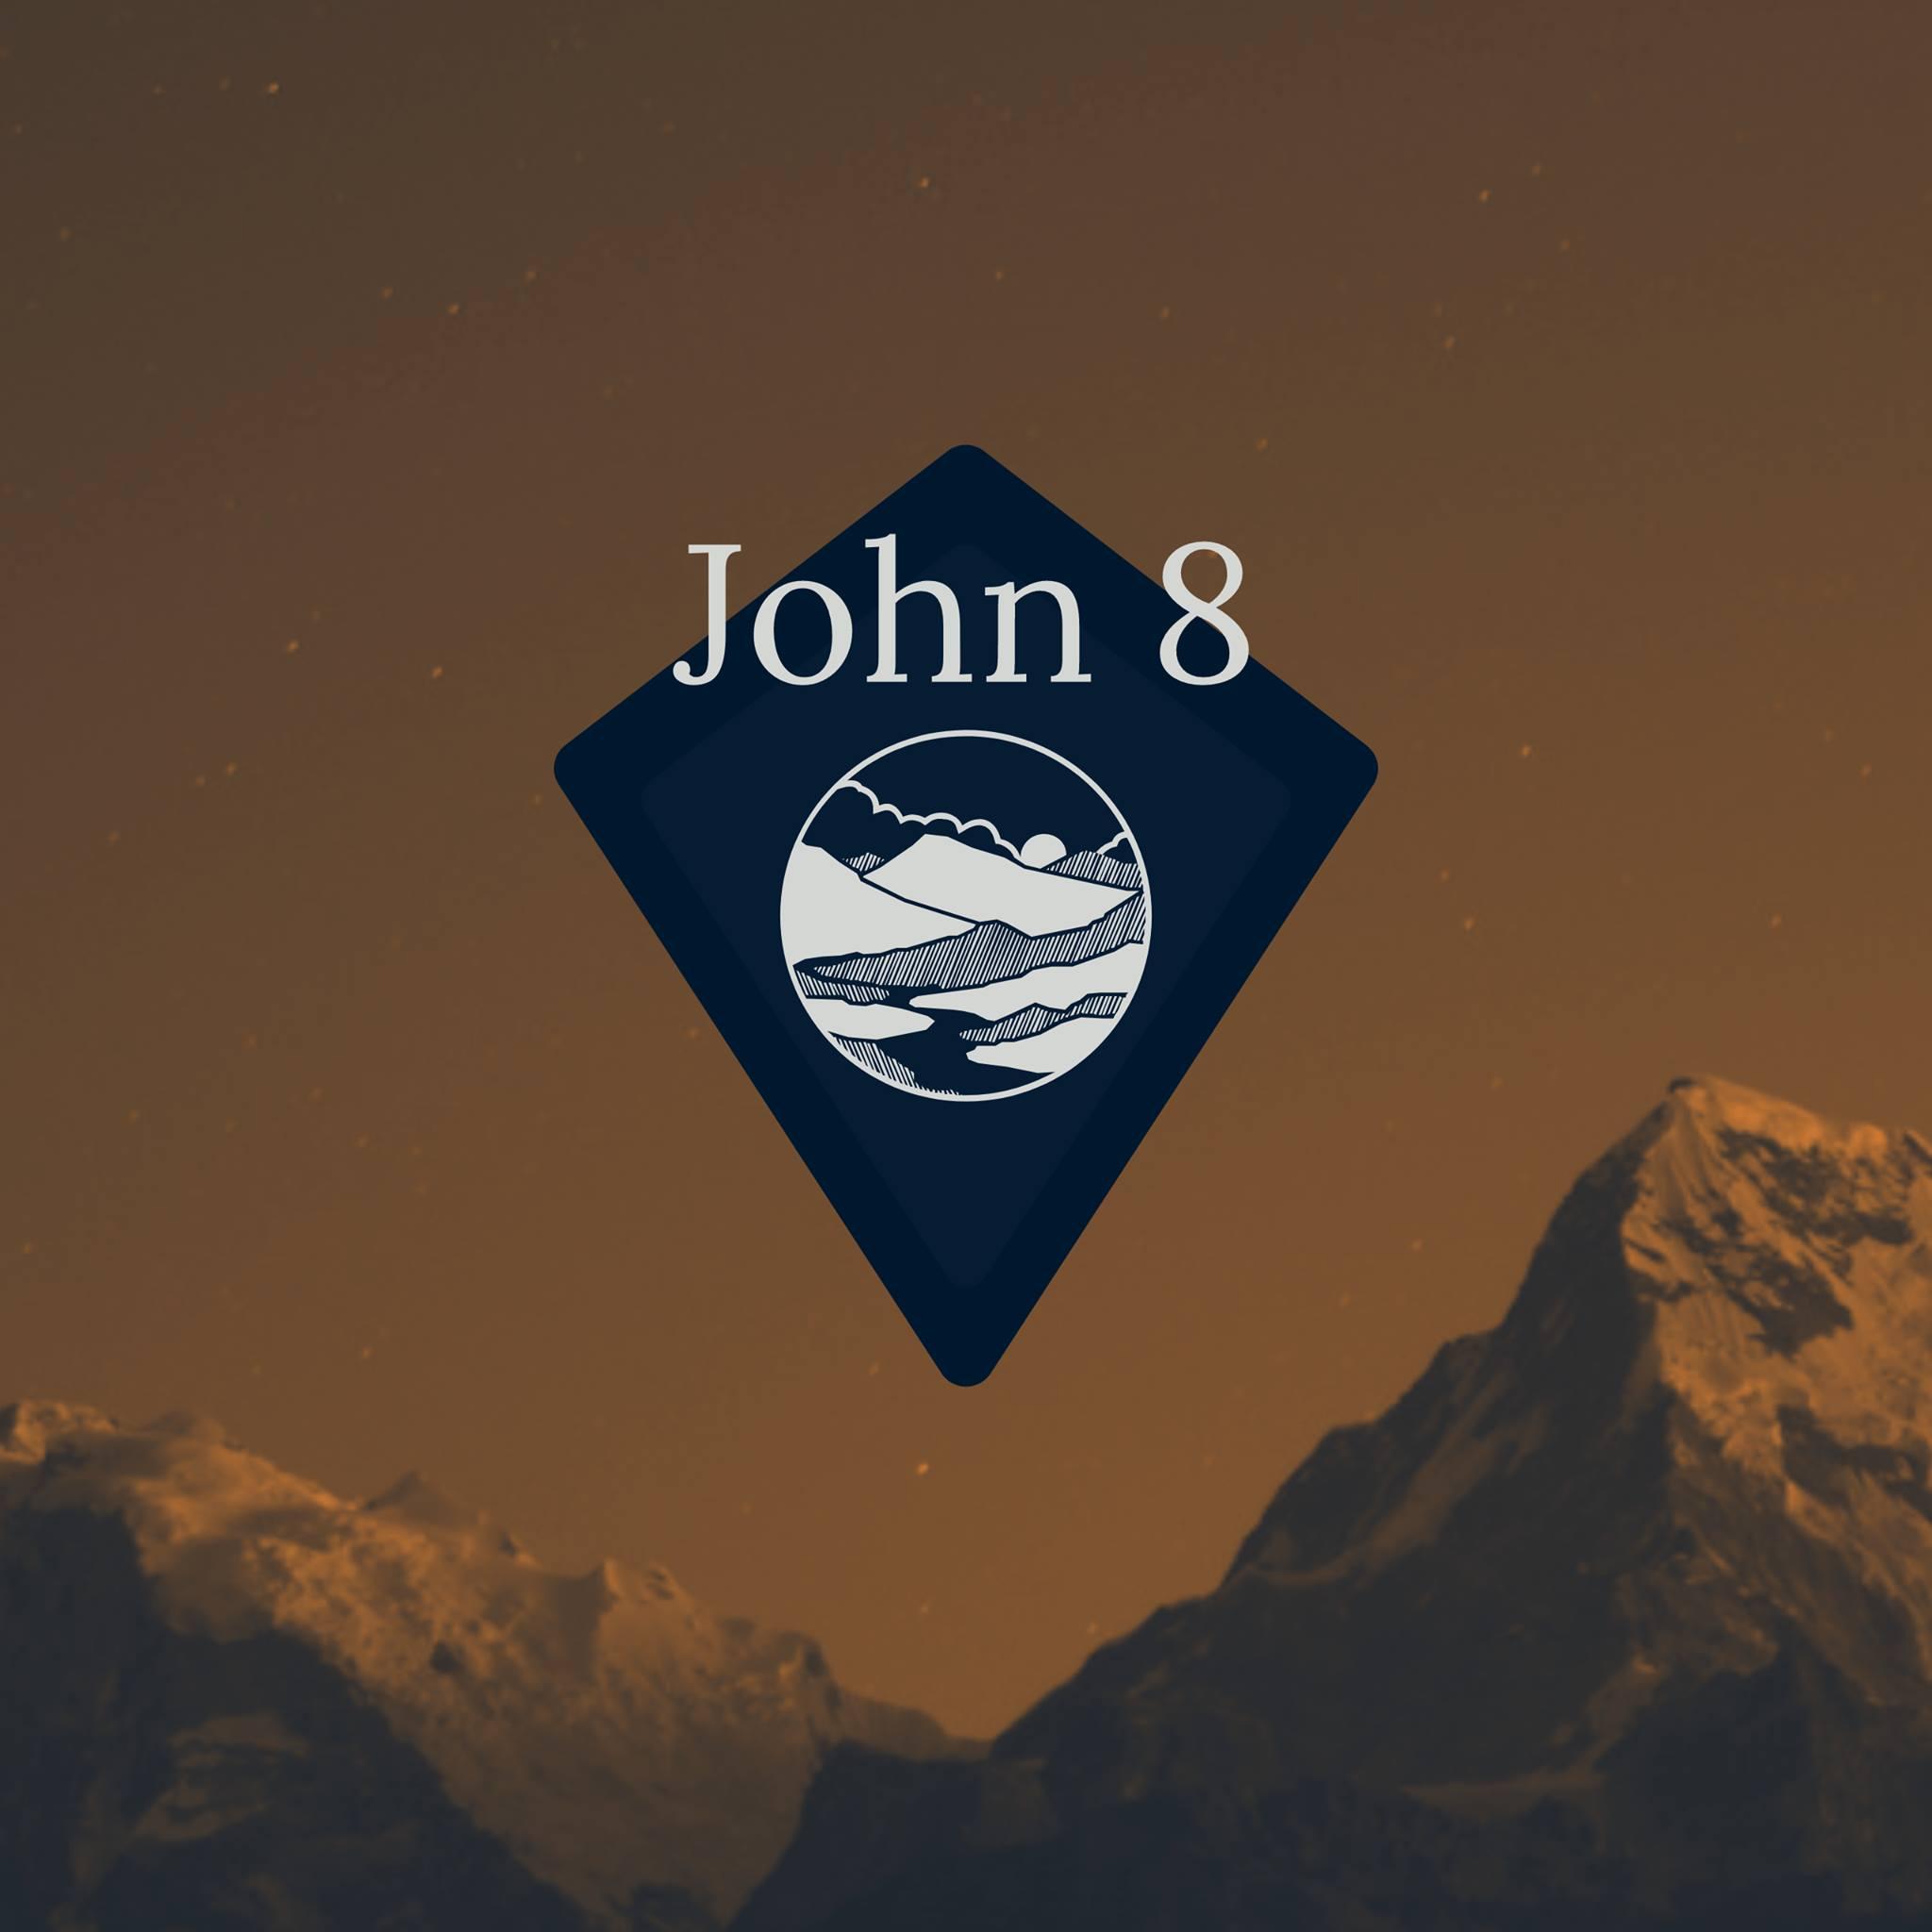 John 8.jpg